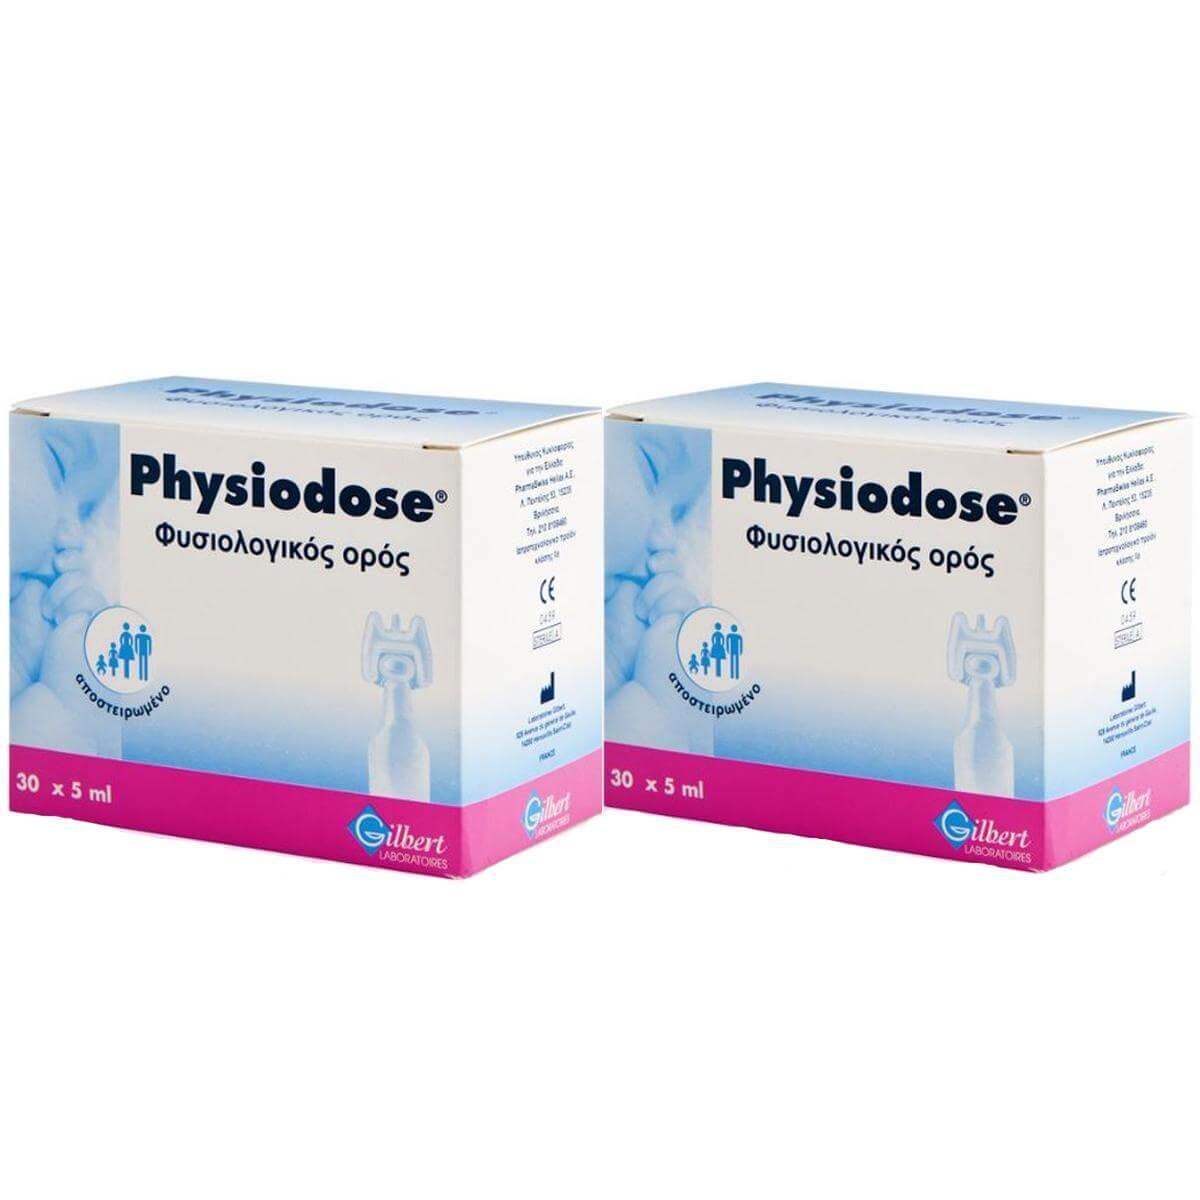 Physiodose Πακέτο Προσφοράς Στείρος Φυσιολογικός Ορός σε Αμπούλες μιας Δόσης, για τη Ρινική & Οφθαλμολογική Υγιεινή 2 x 30×5 ml